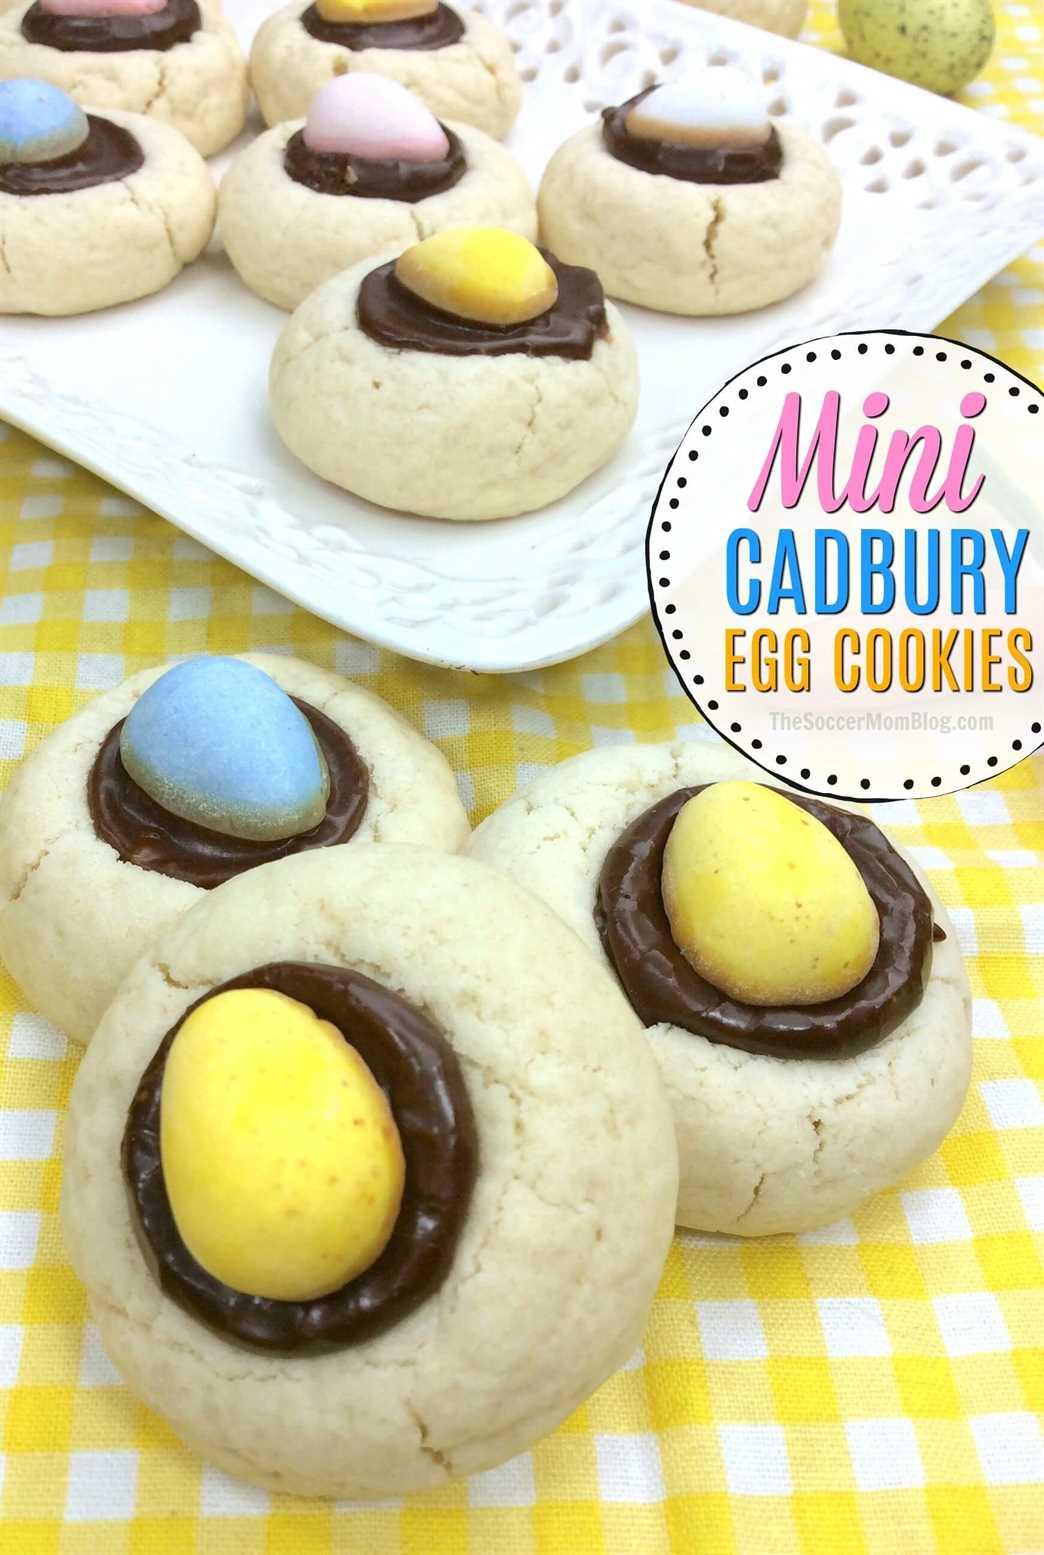 ¡Las mini galletas de huevo Cadbury son una galleta festiva de huellas digitales solo para Pascua!